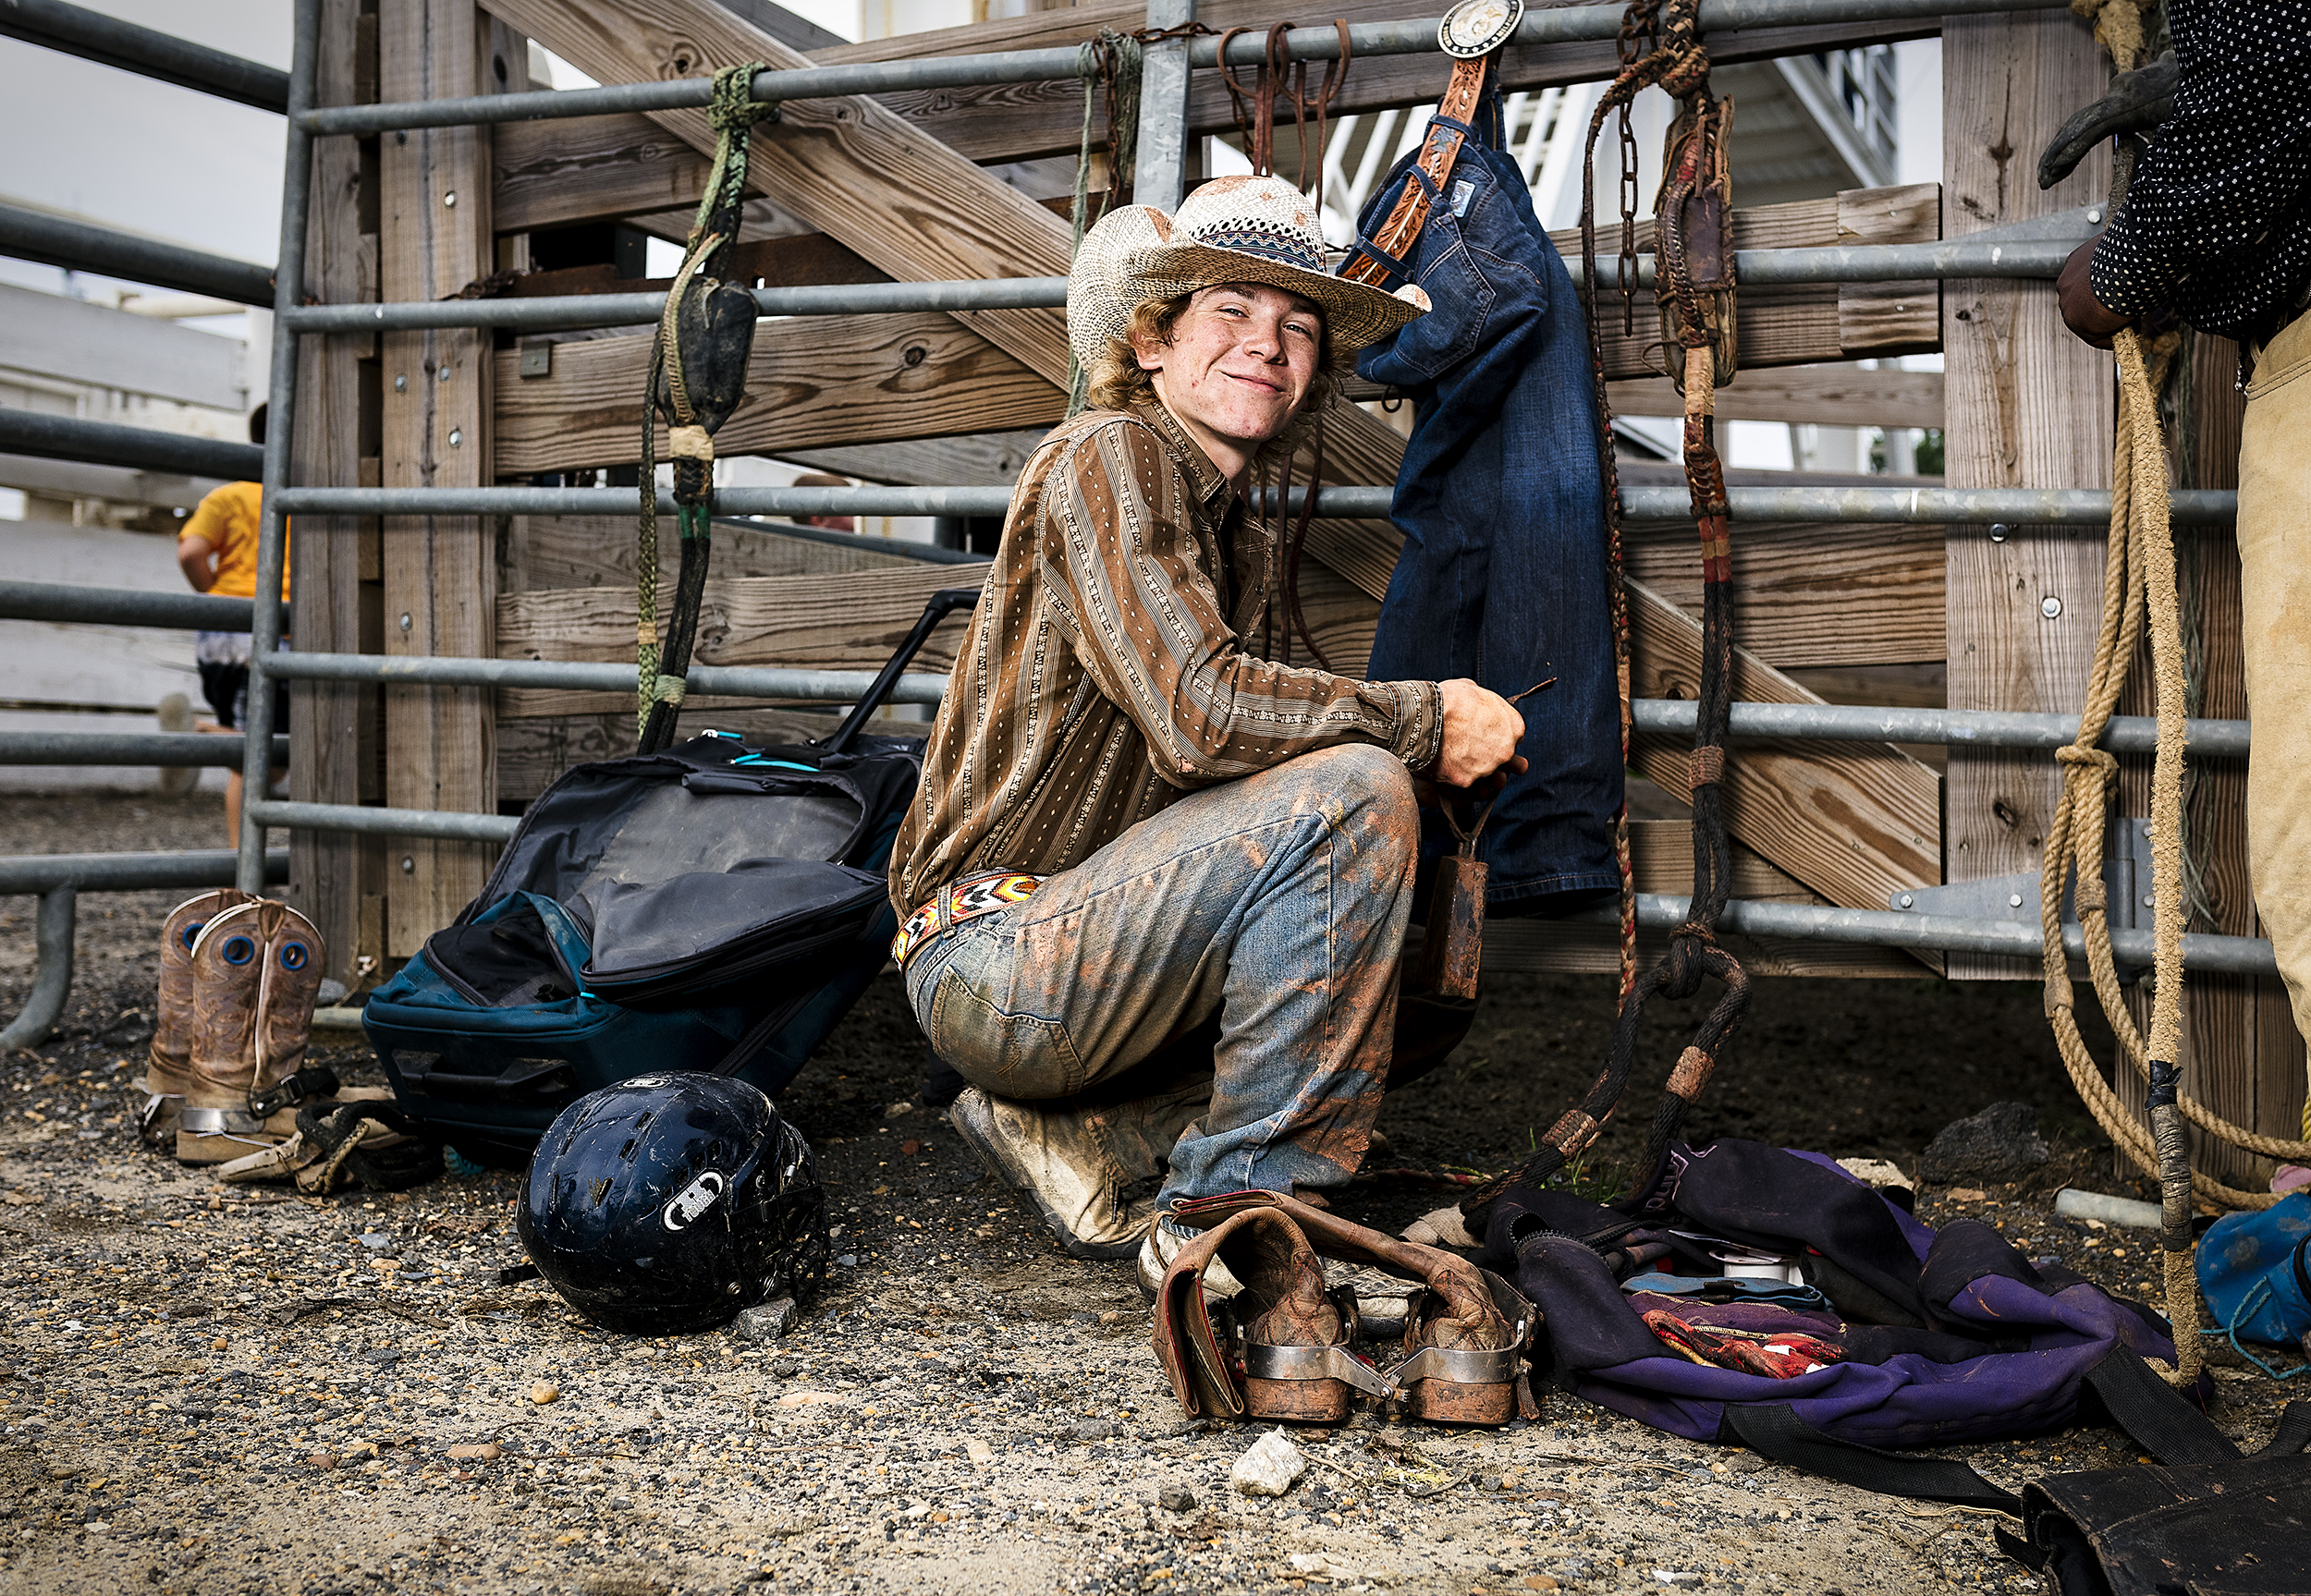 Cowboy_Squatting_Img_5607_WEB.jpg